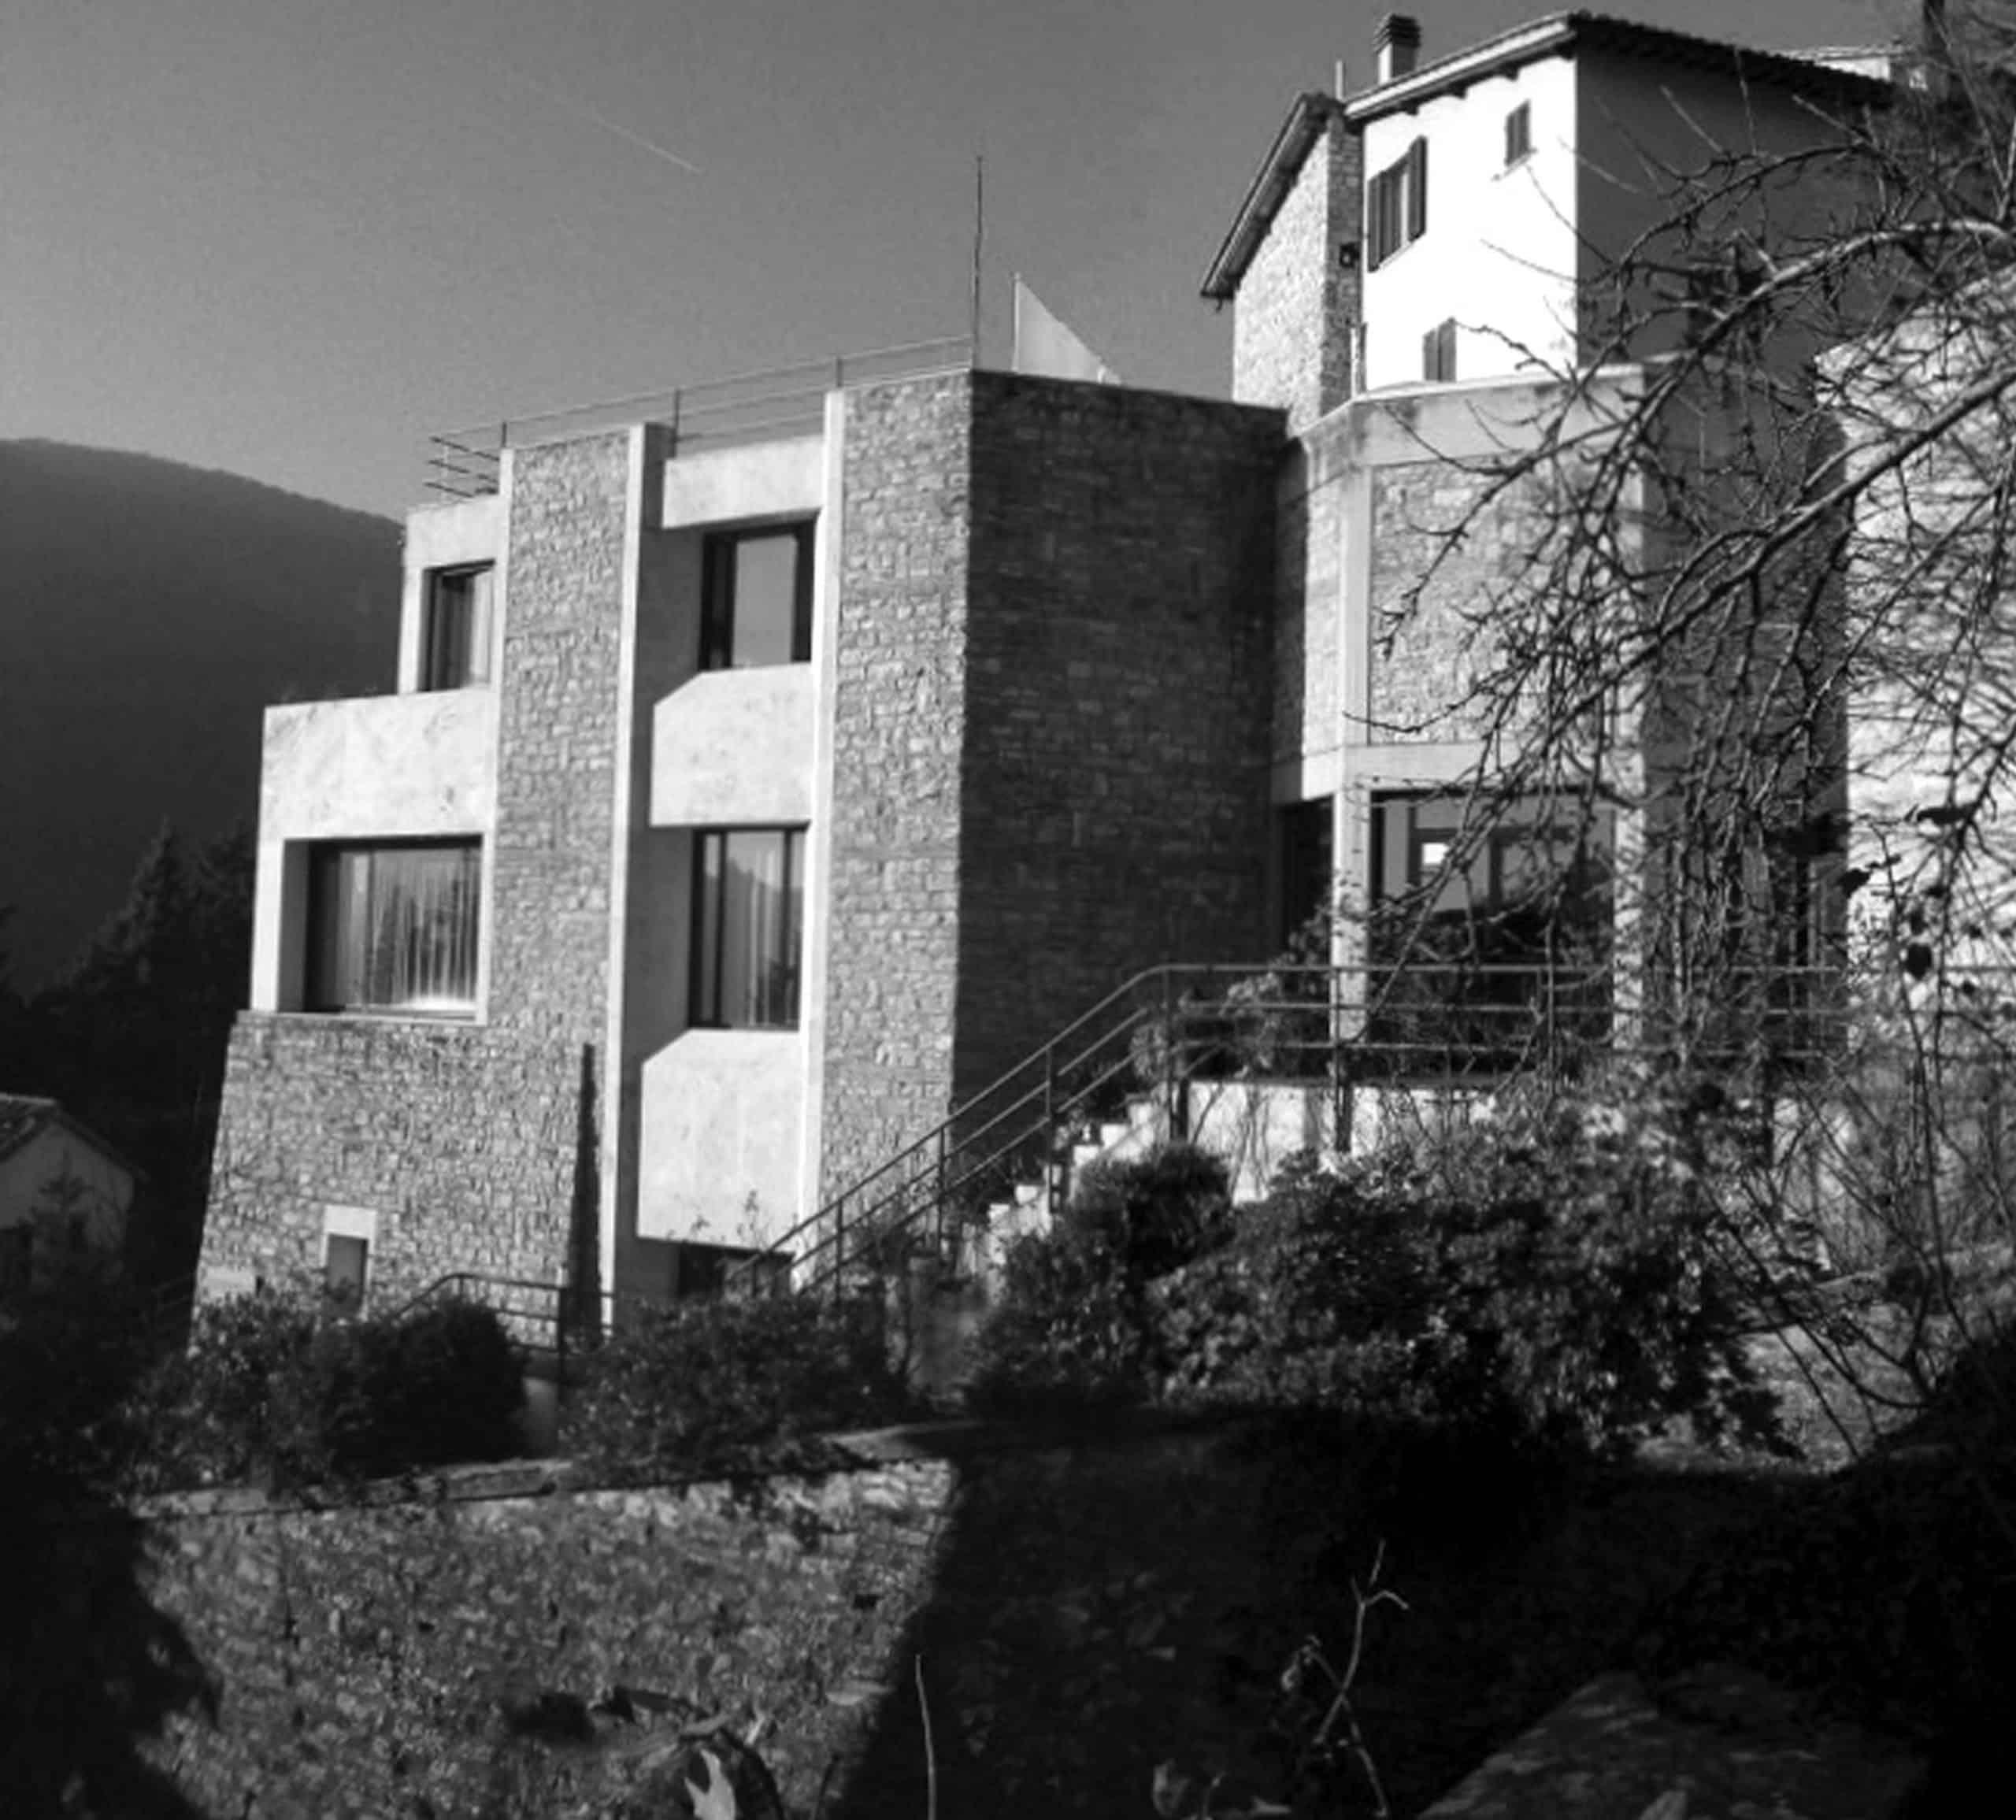 13 - Complesso edilizio per abitazioni e negozi in via Flaminia, Spoleto (PG) - Vista esterna